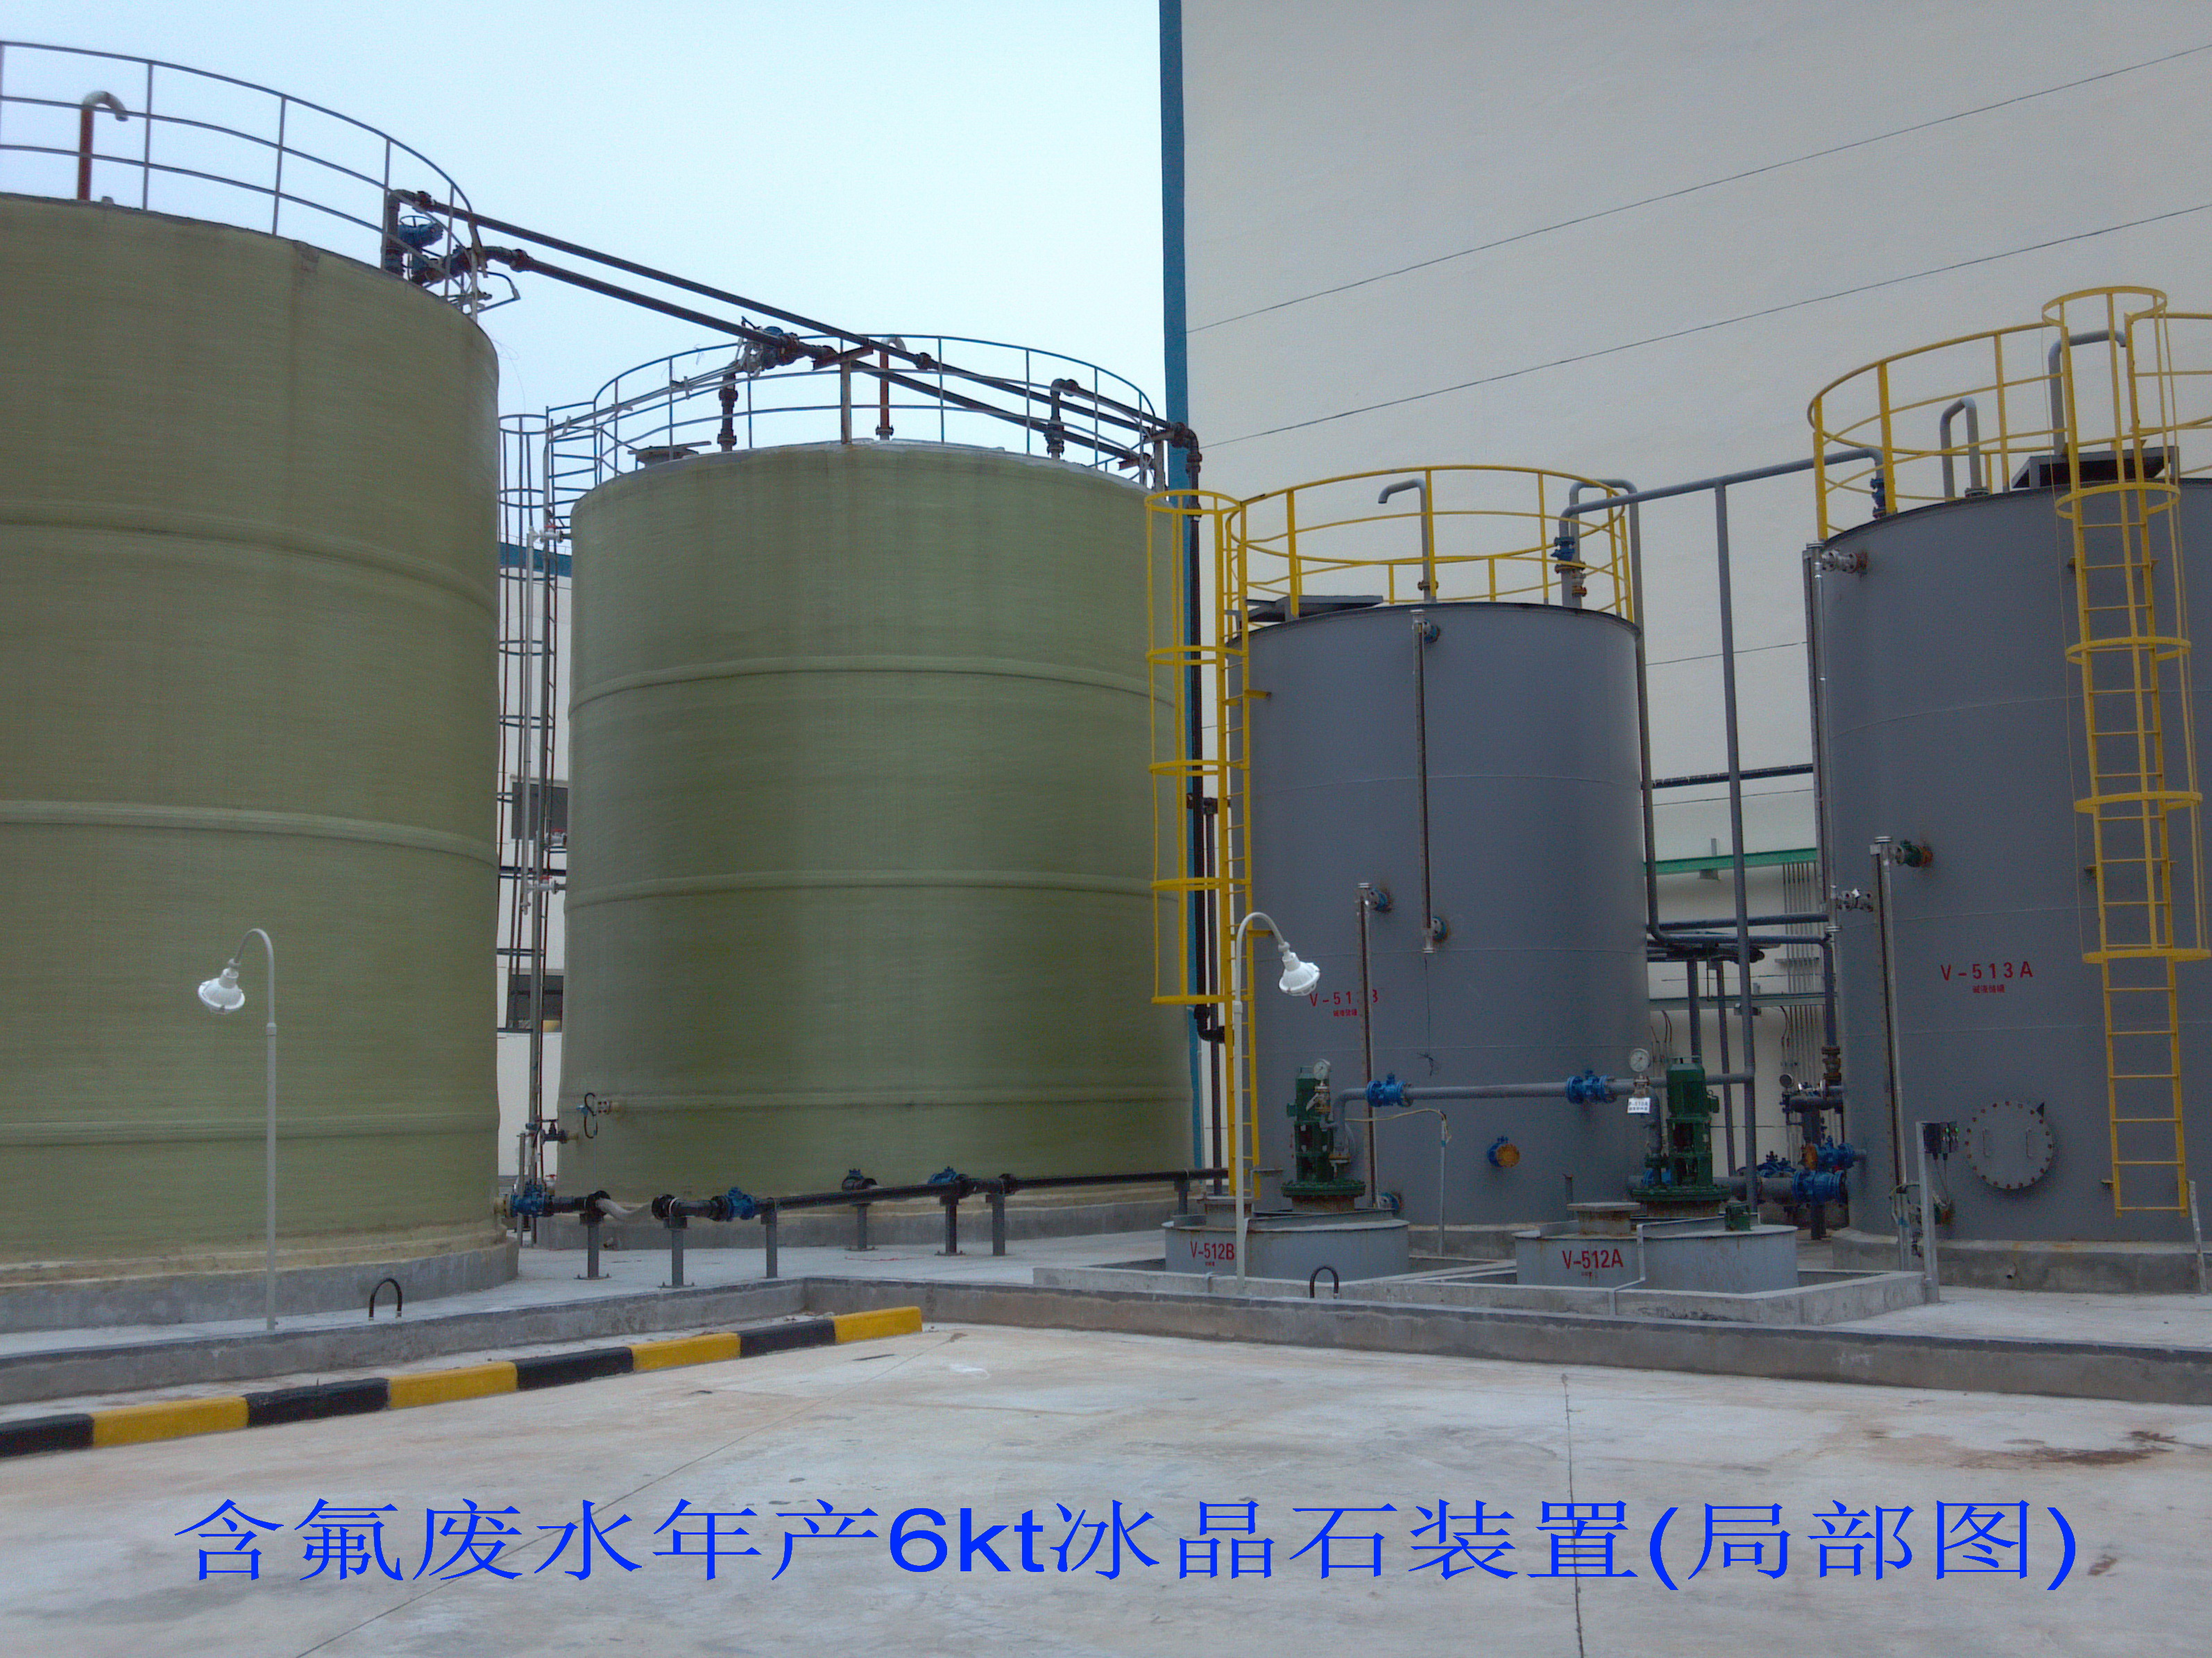 含氟废水年产6kt冰晶石装置